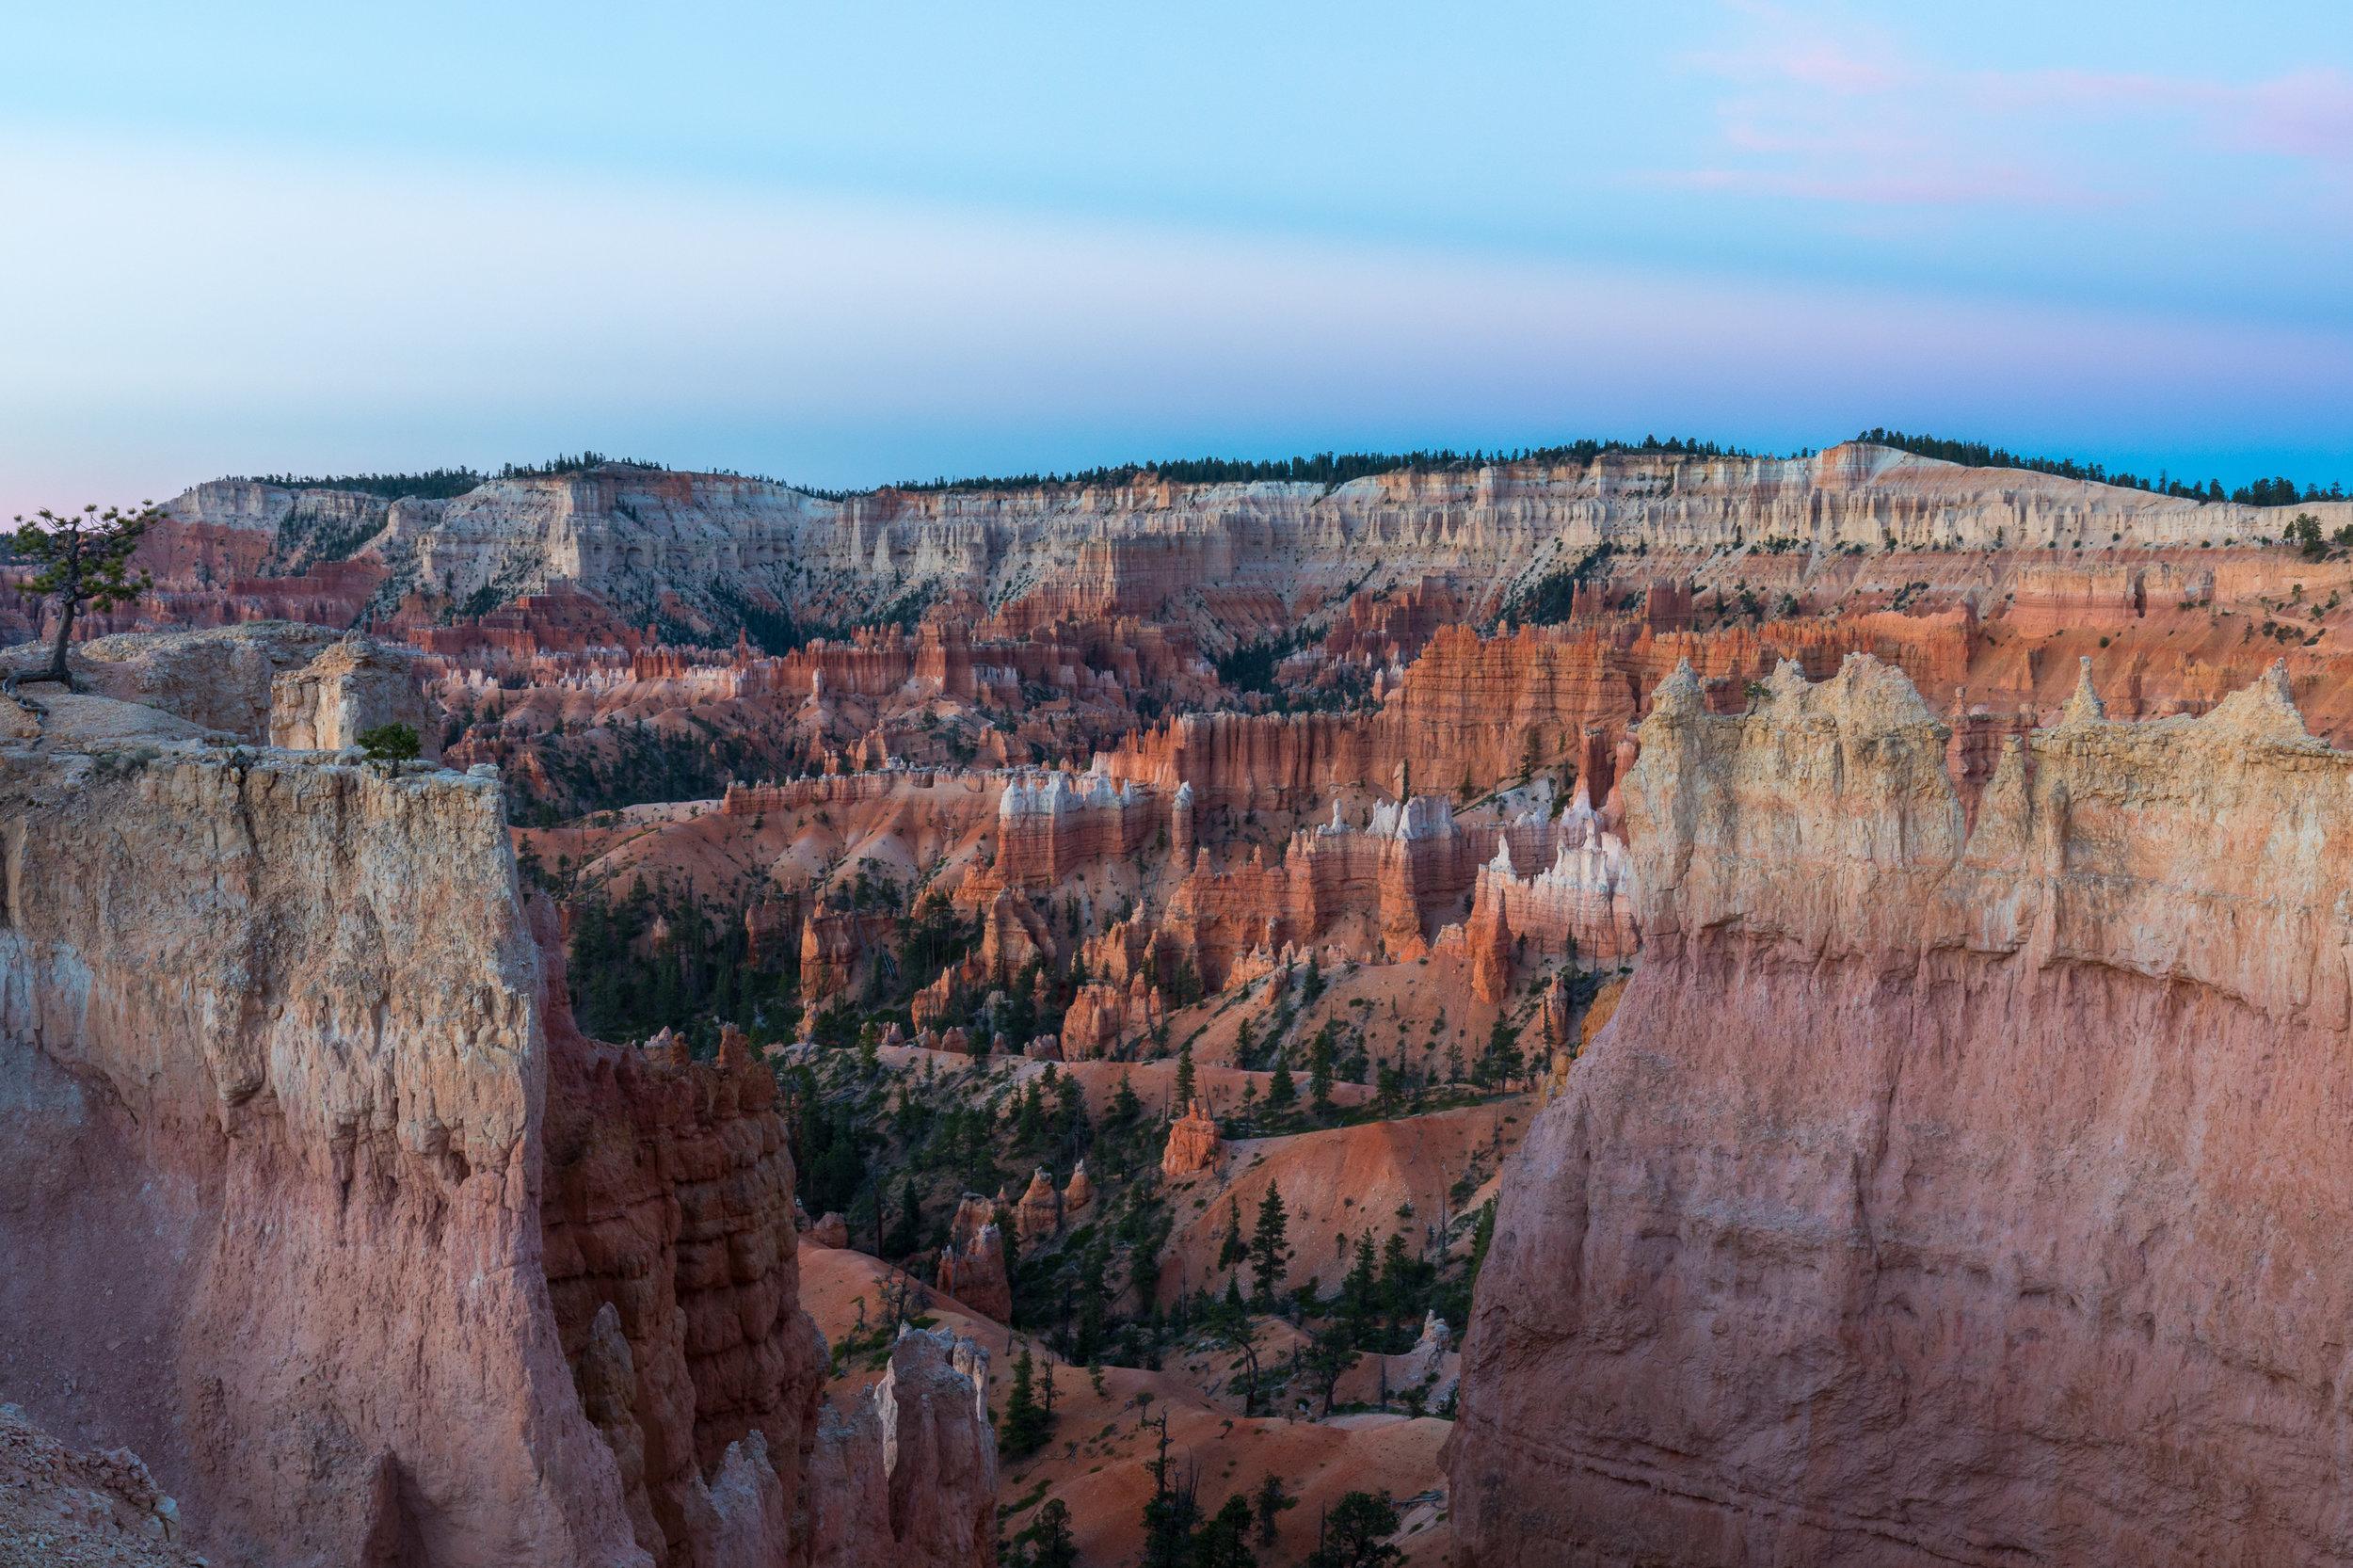 Sunrise Bryce National Park, Image # 0575